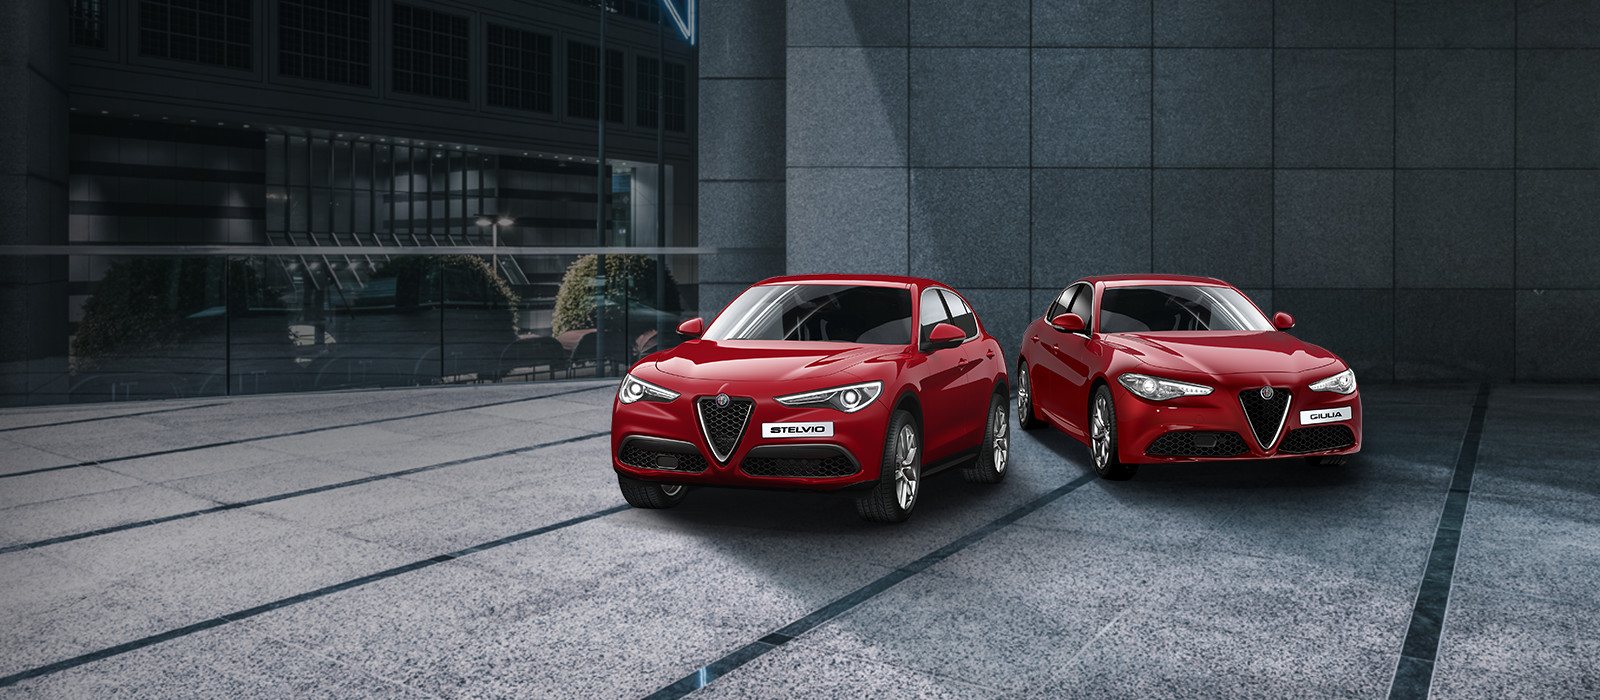 Atrakcyjny leasing samochodowy w ALFA ROMEO 1